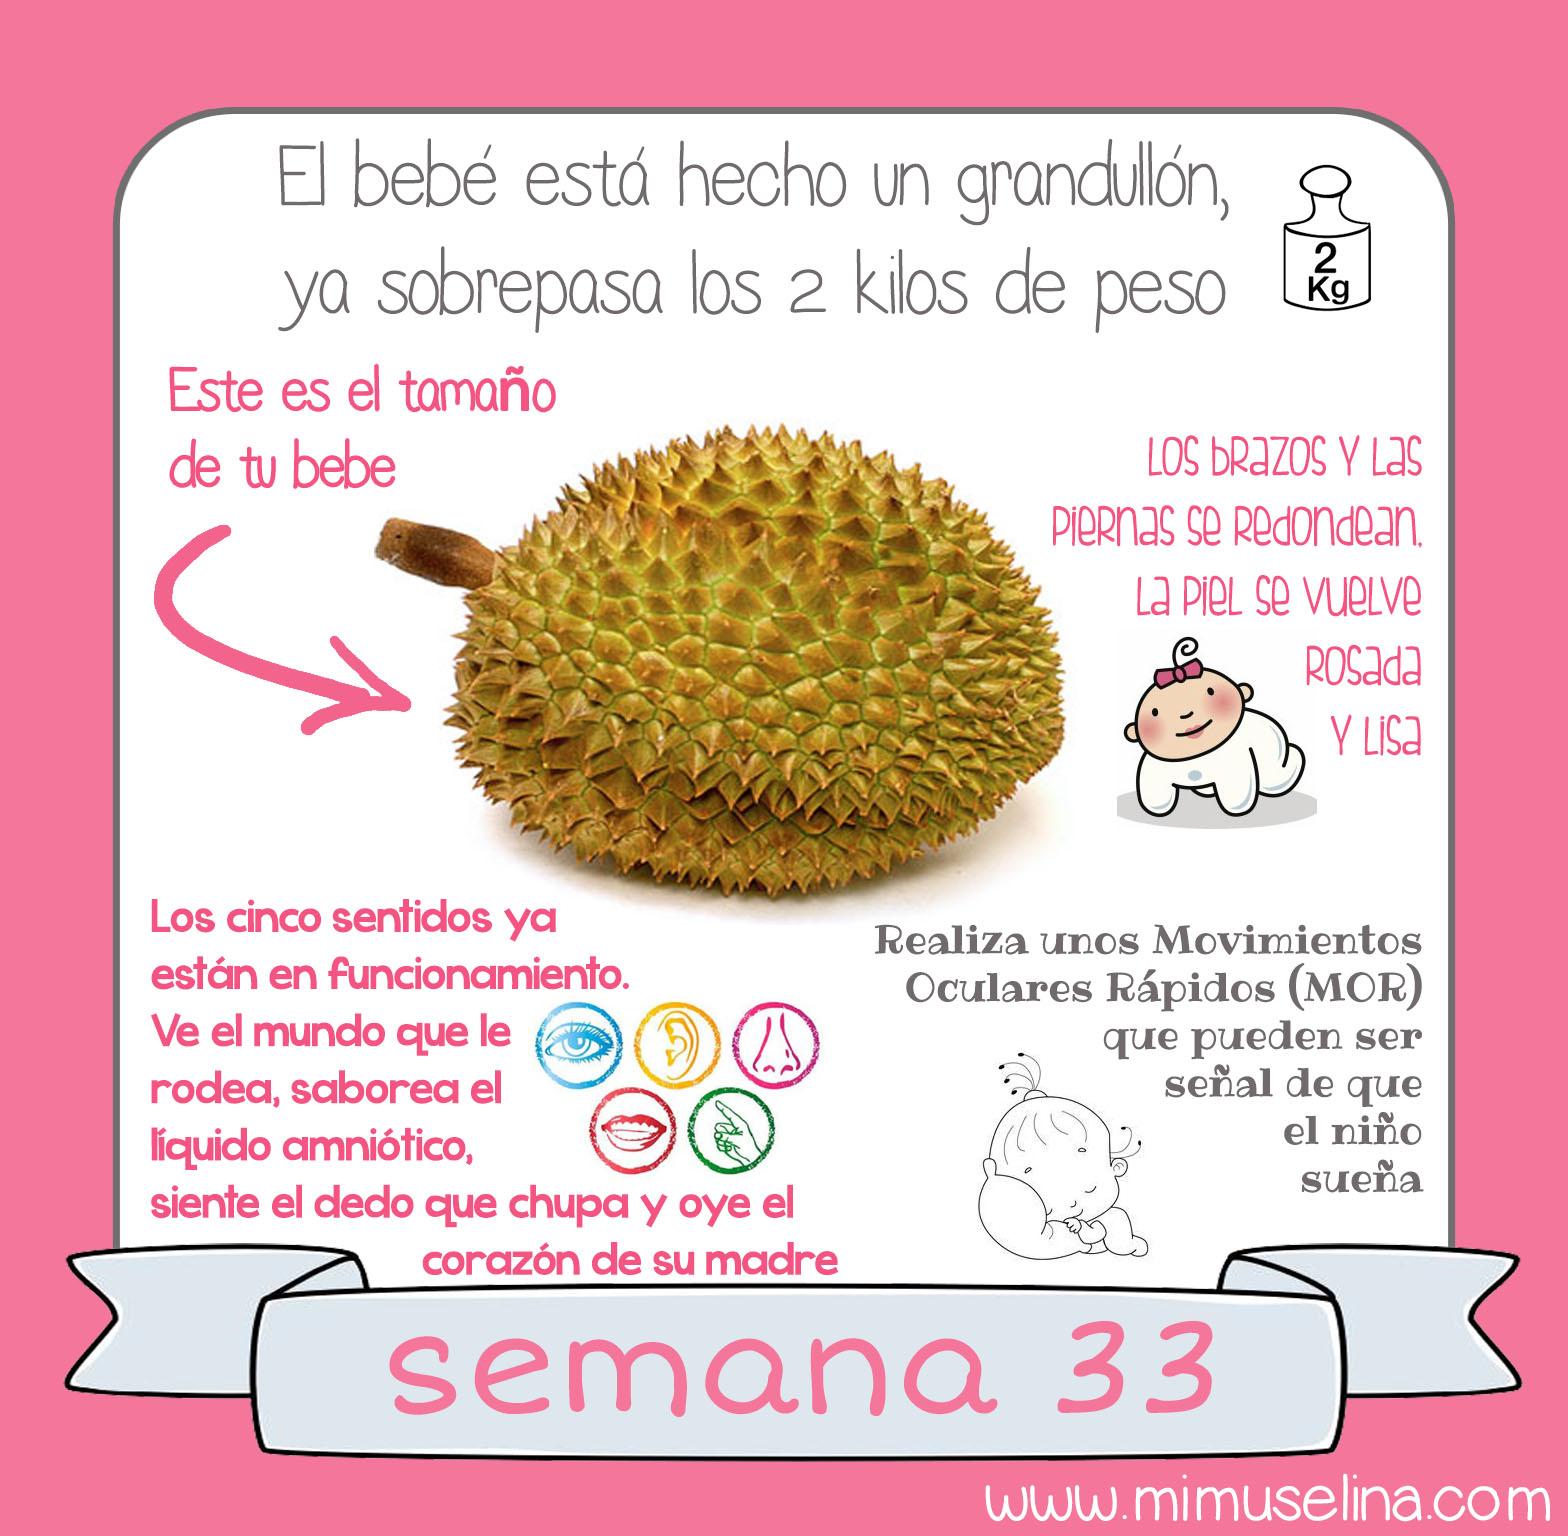 Bebeblog by mimuselina semana 33 embarazo tama o y evoluci n del beb mimuselina - Con cuantos meses se sienta un bebe ...